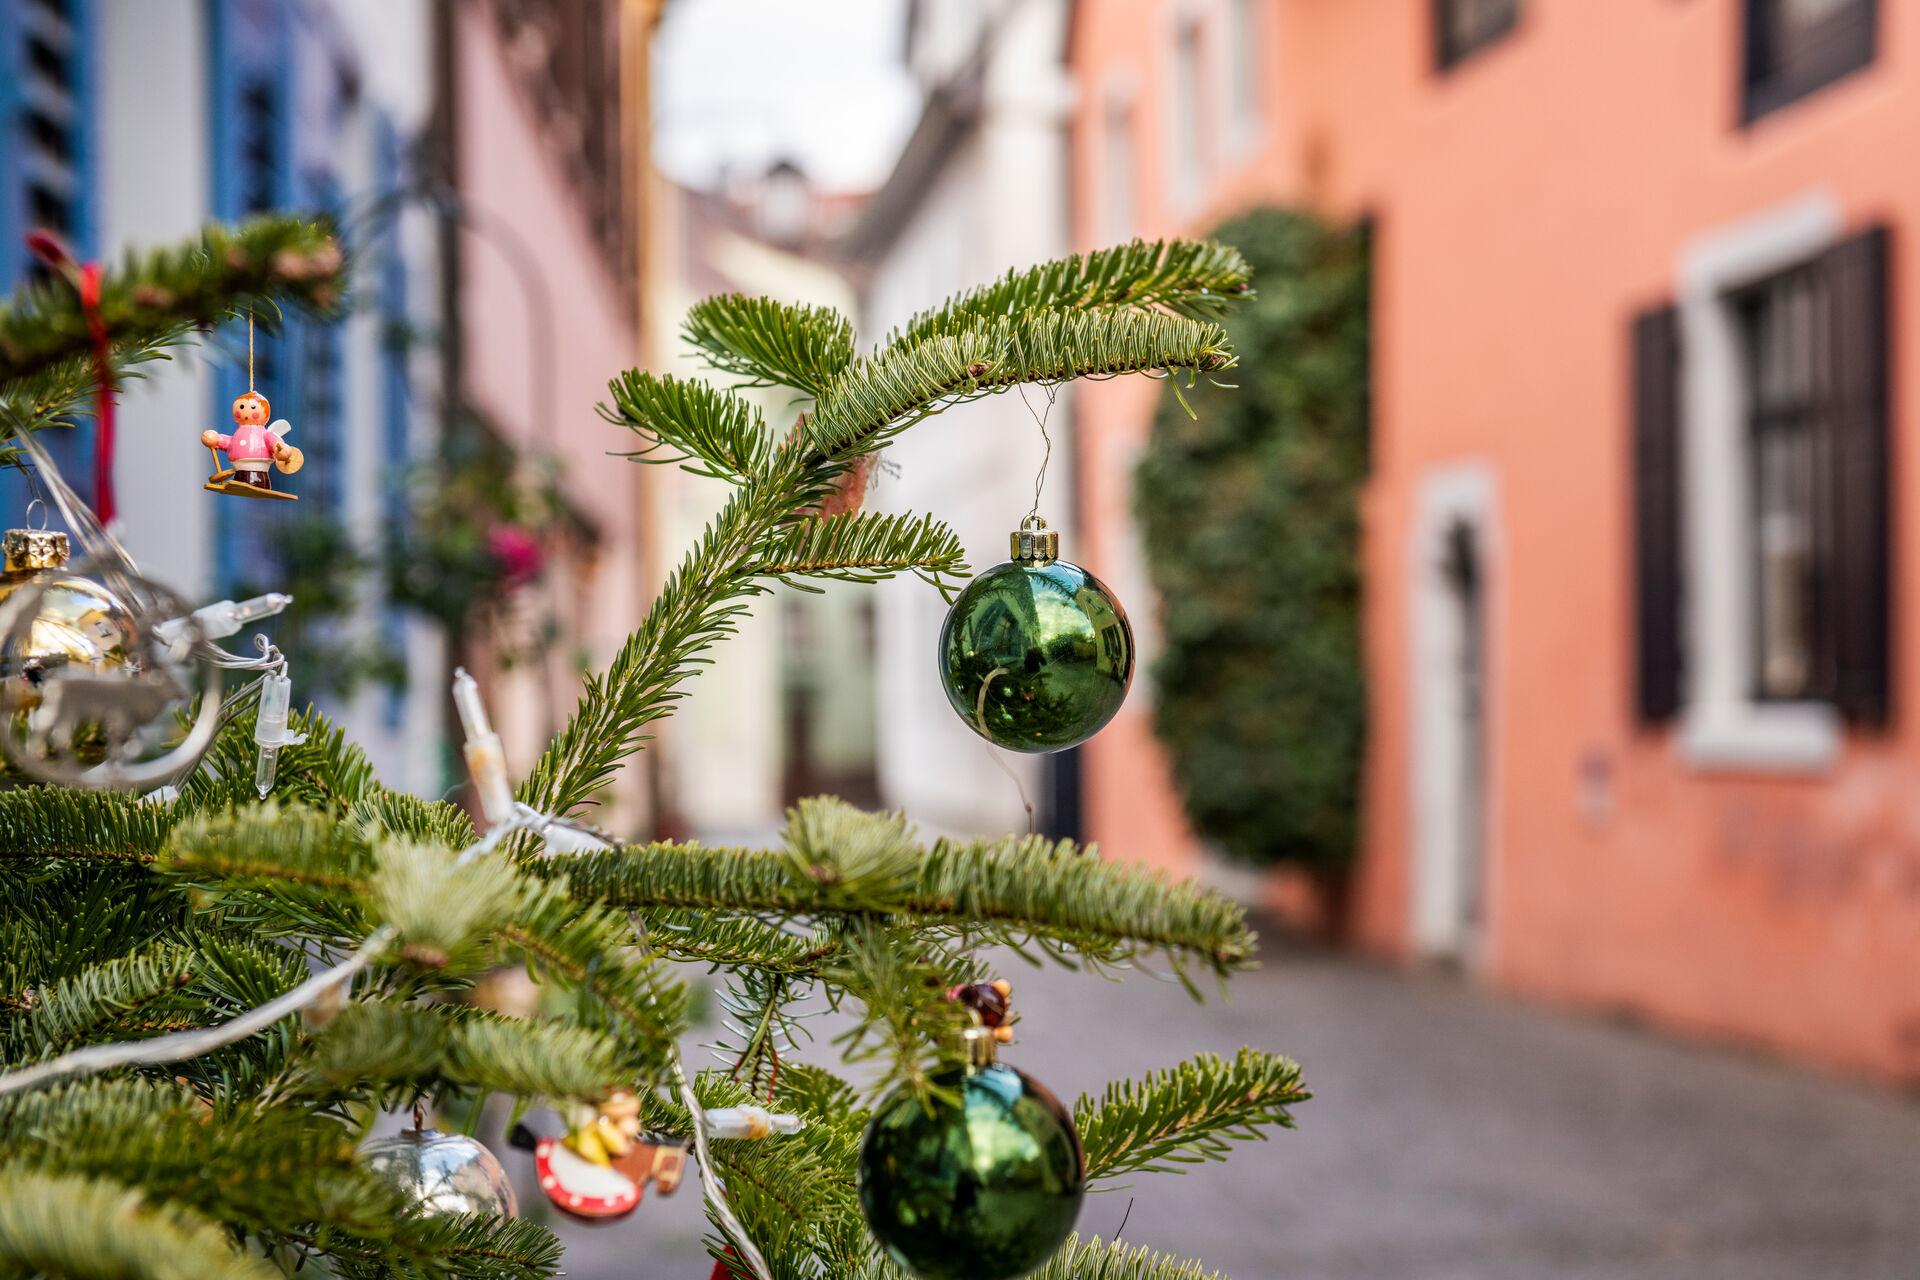 Konstanz-Weihnachtsmarkt-Weihnachtsbaum-Schmuck-02_Winter_Copyright_MTK-Dagmar-Schwelle